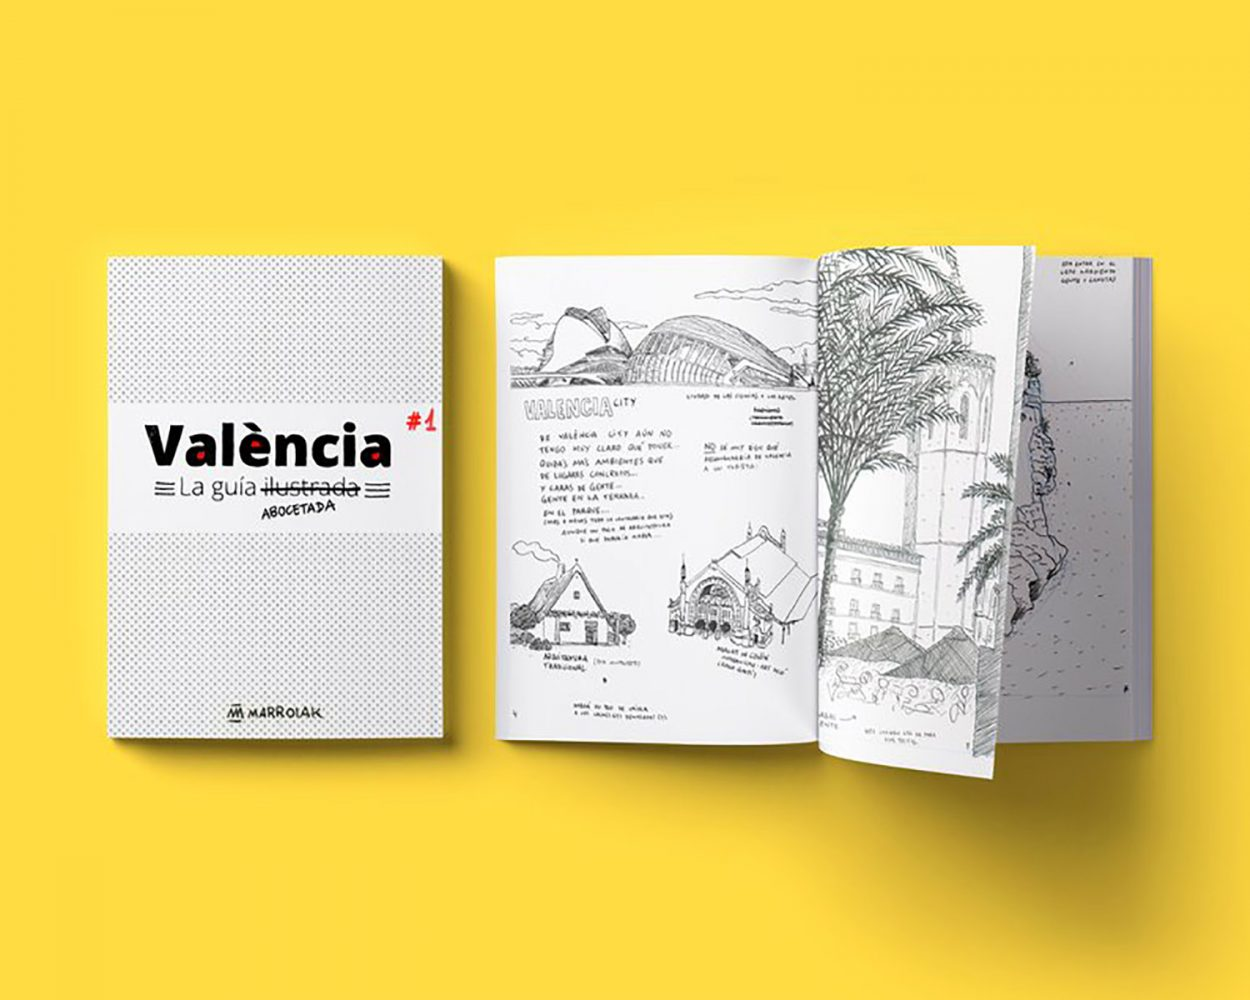 Revista con dibujos de la provincia de Valencia. Cómic con bocetos e ilustraciones.